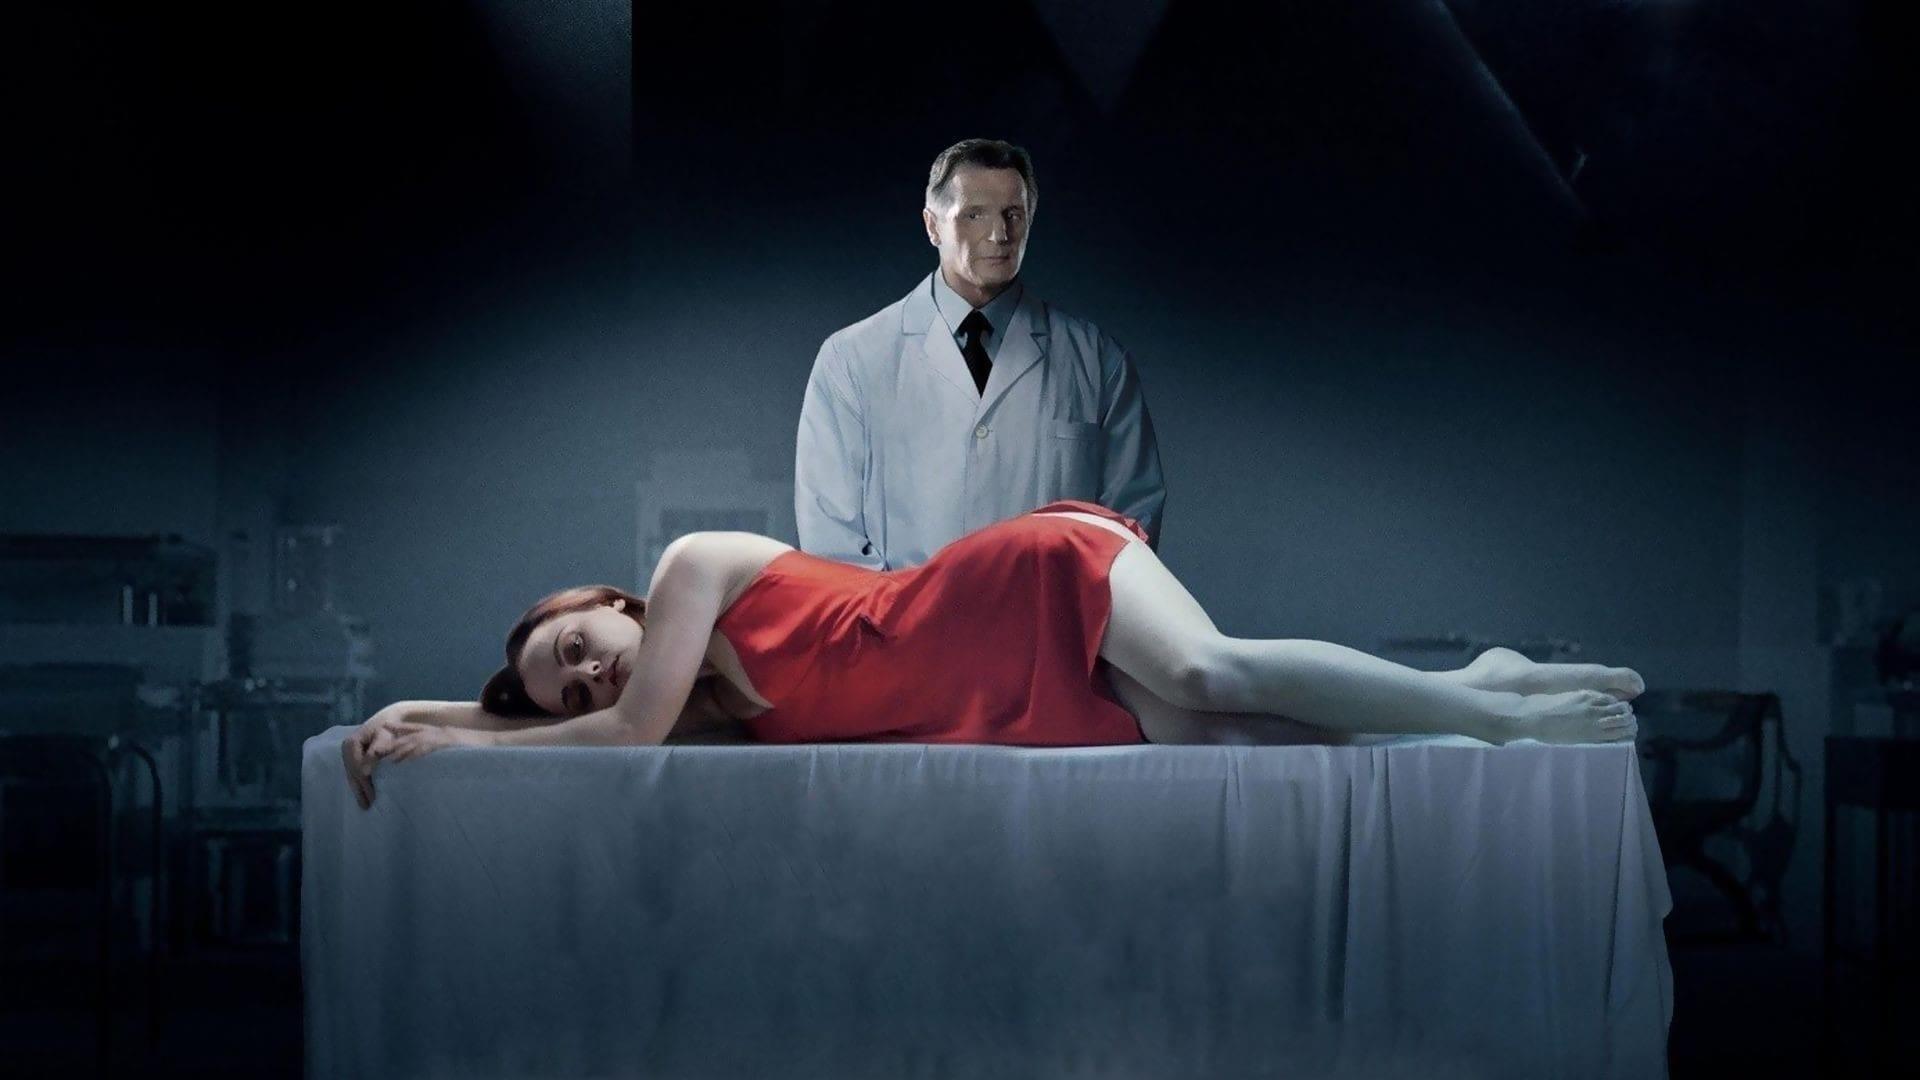 身后事 (2009)